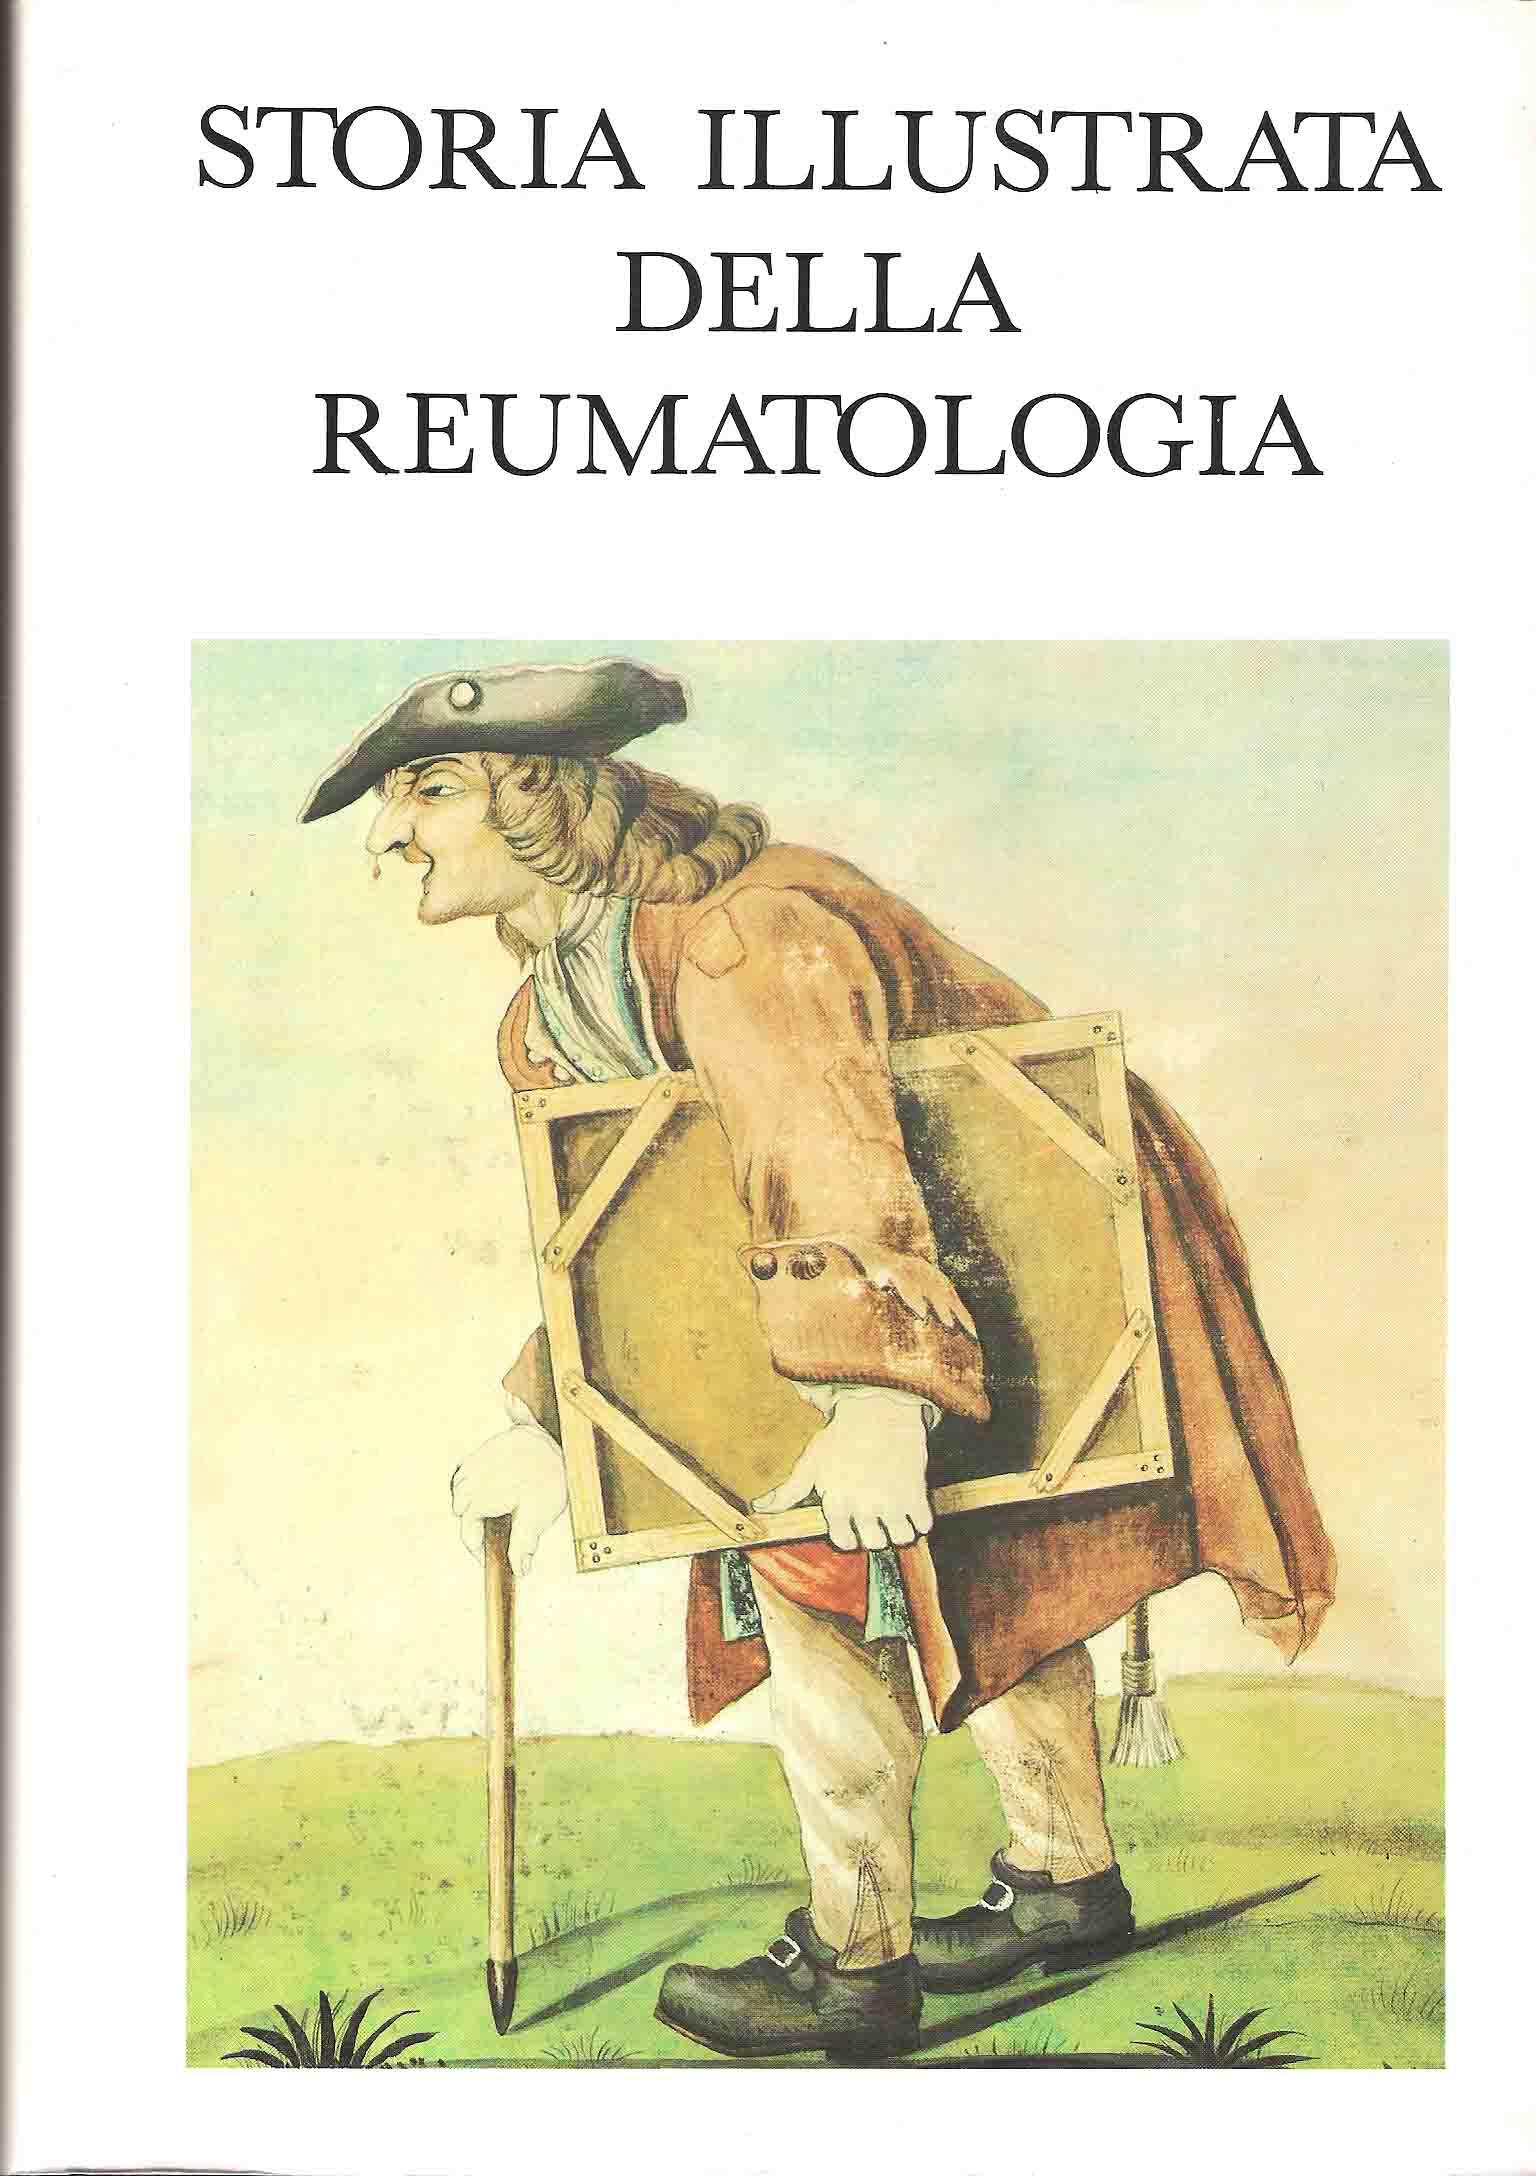 Storia illustrata della reumatologia